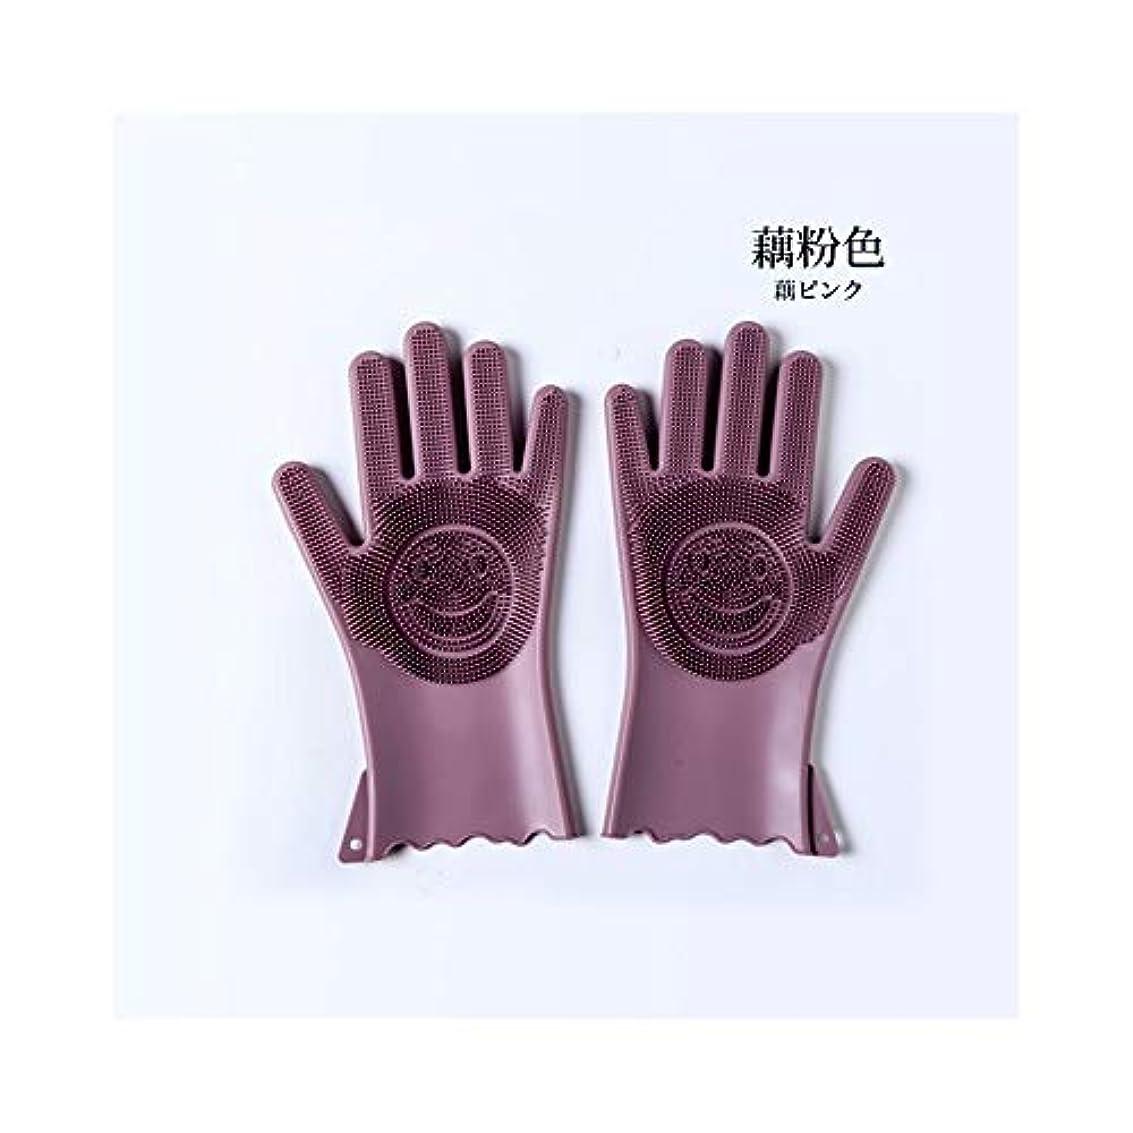 不適切な移動効果使い捨て手袋 作業用手袋防水厚くて丈夫なシリコーン多機能キッチン家庭用手袋 ニトリルゴム手袋 (Color : PINK, Size : M)